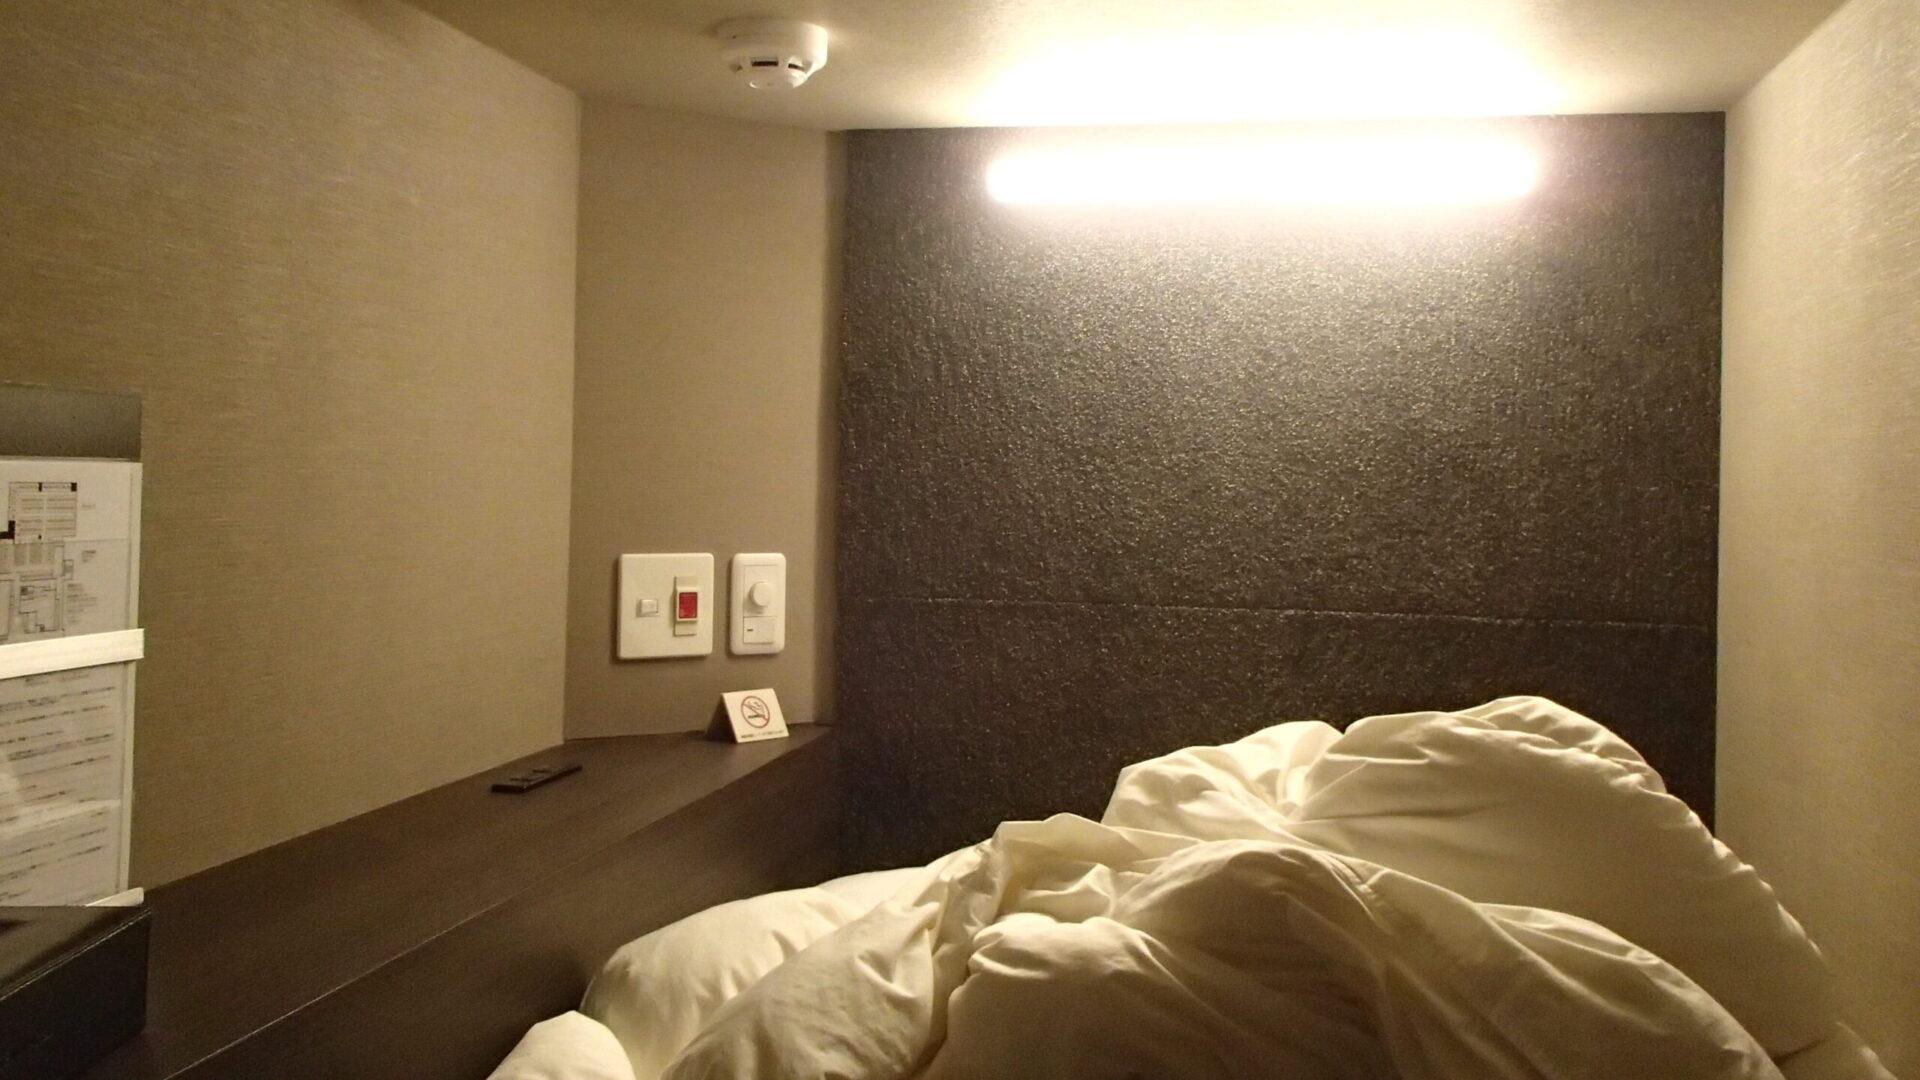 カプセルホテルは狭さ以外にも難ありの場合が多い